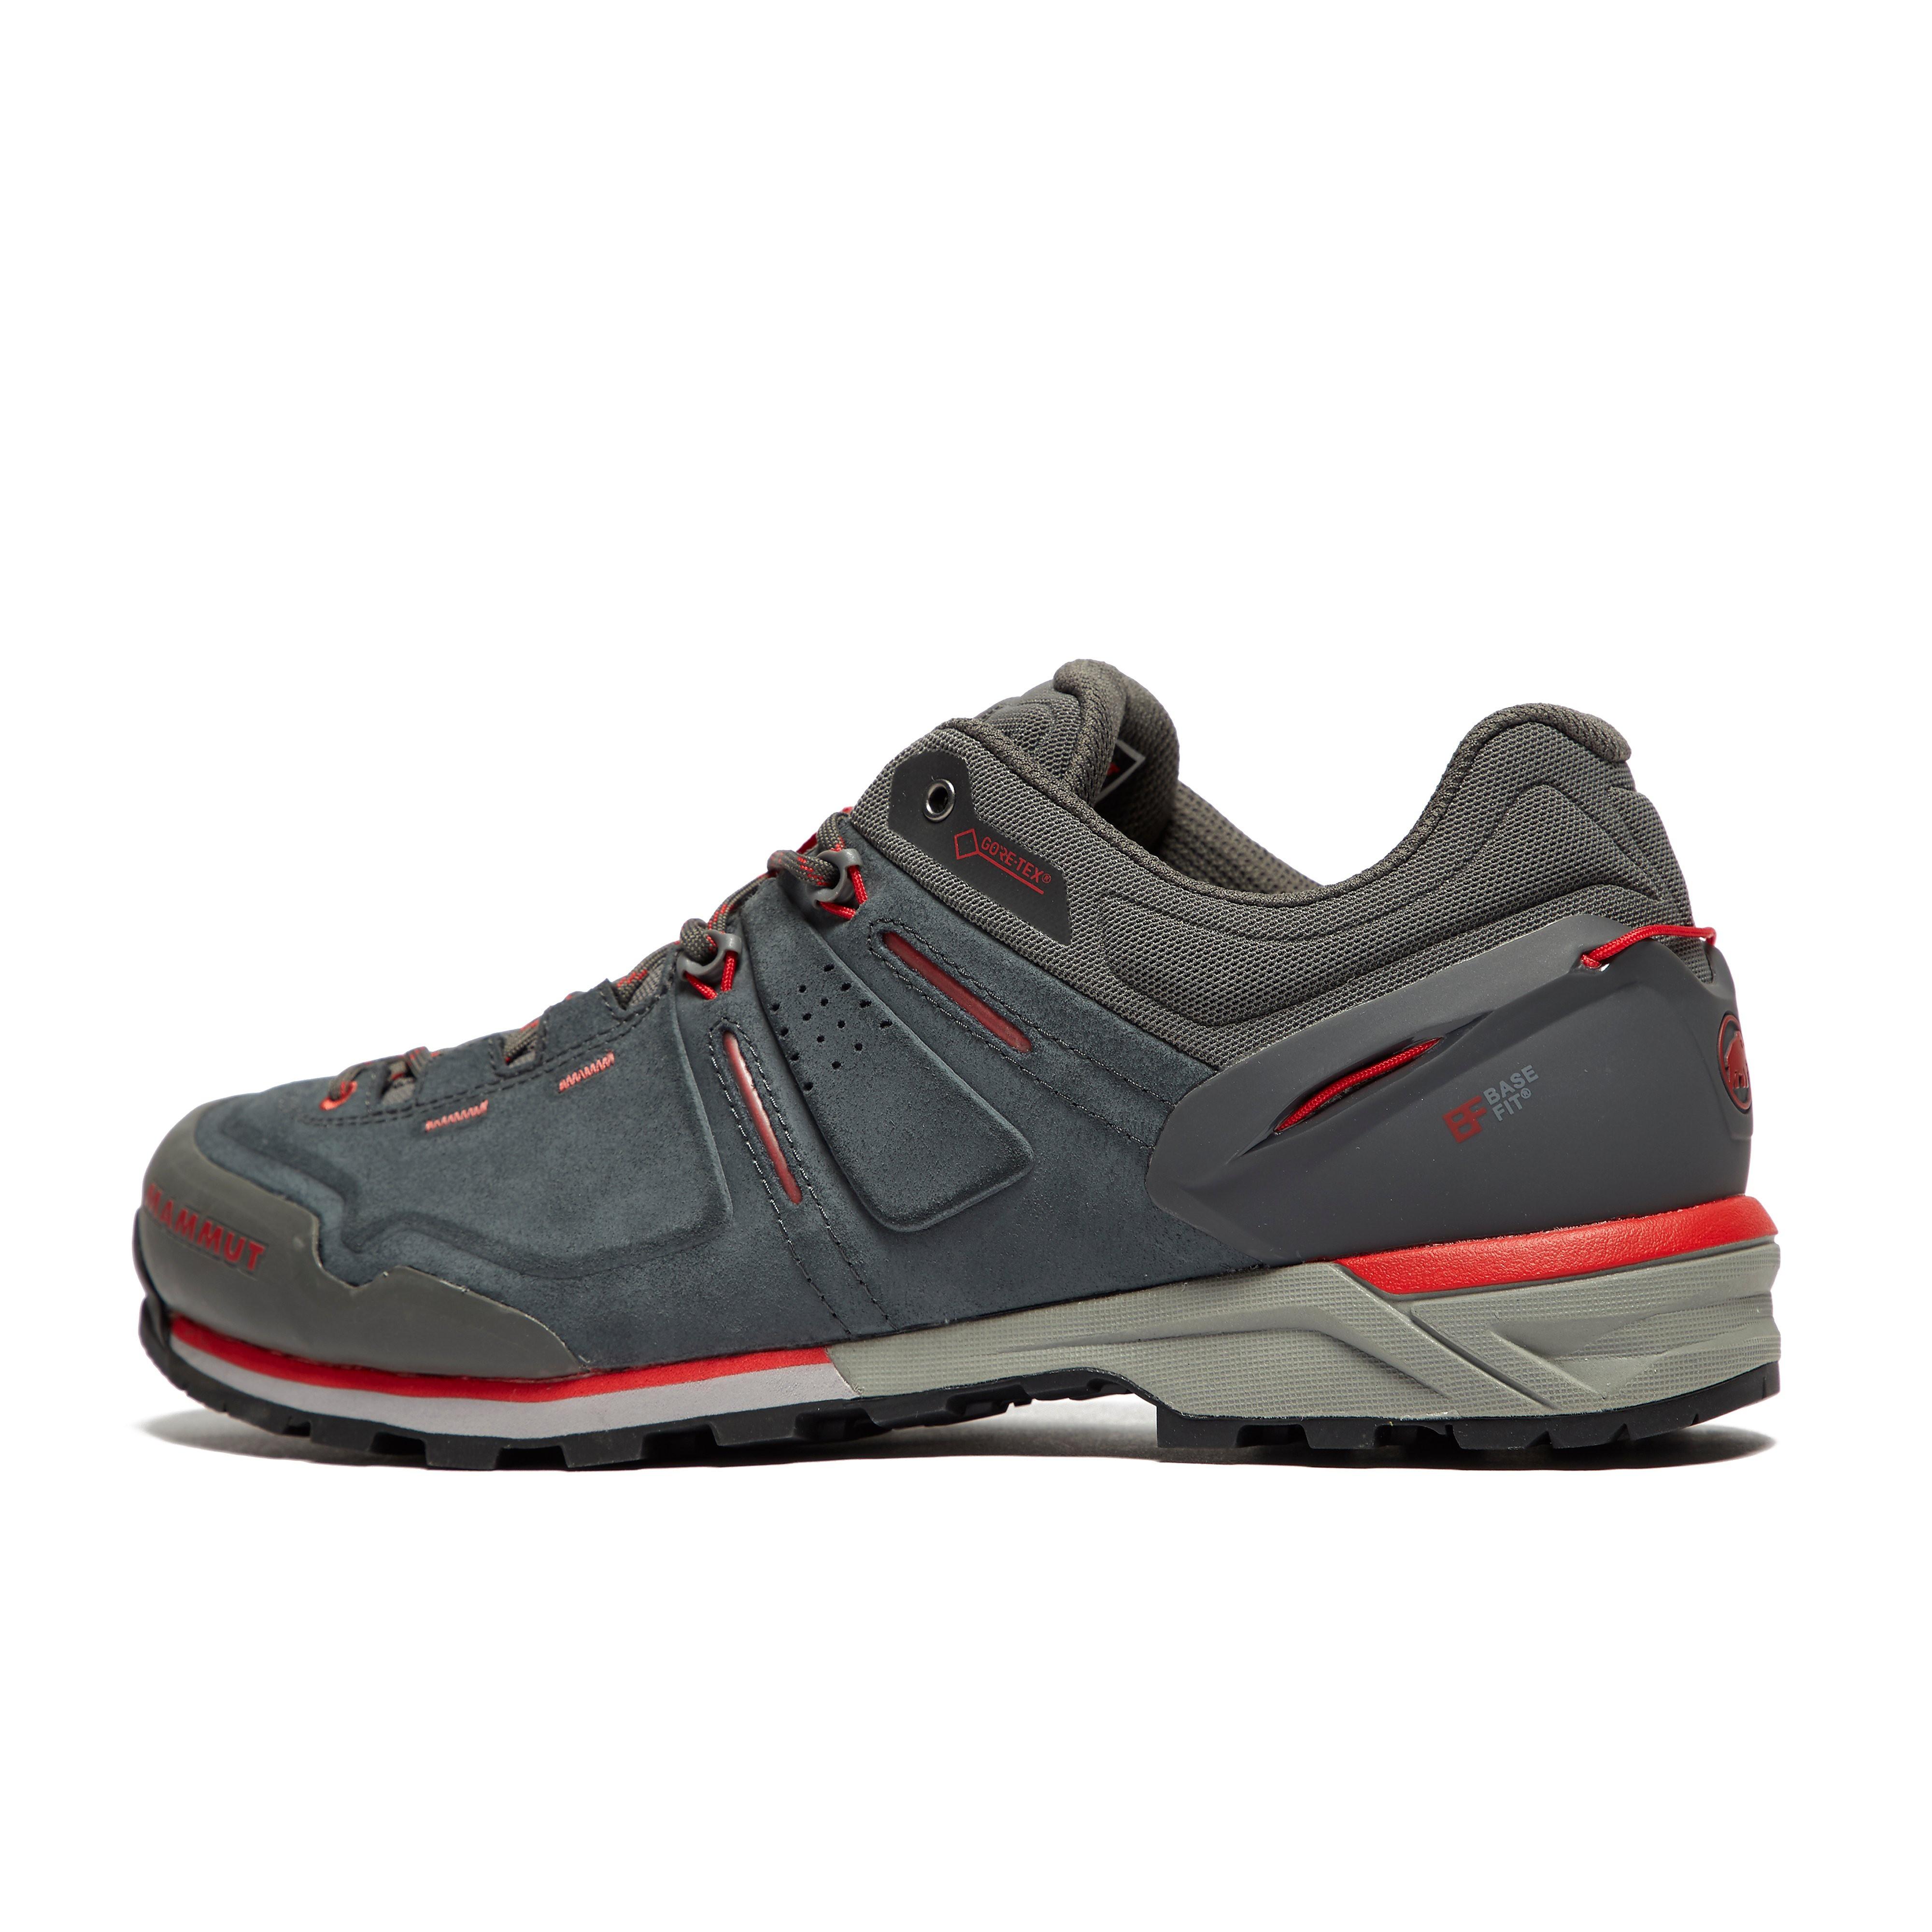 Mammut Alnasca Low GTX Men's Walking Shoes